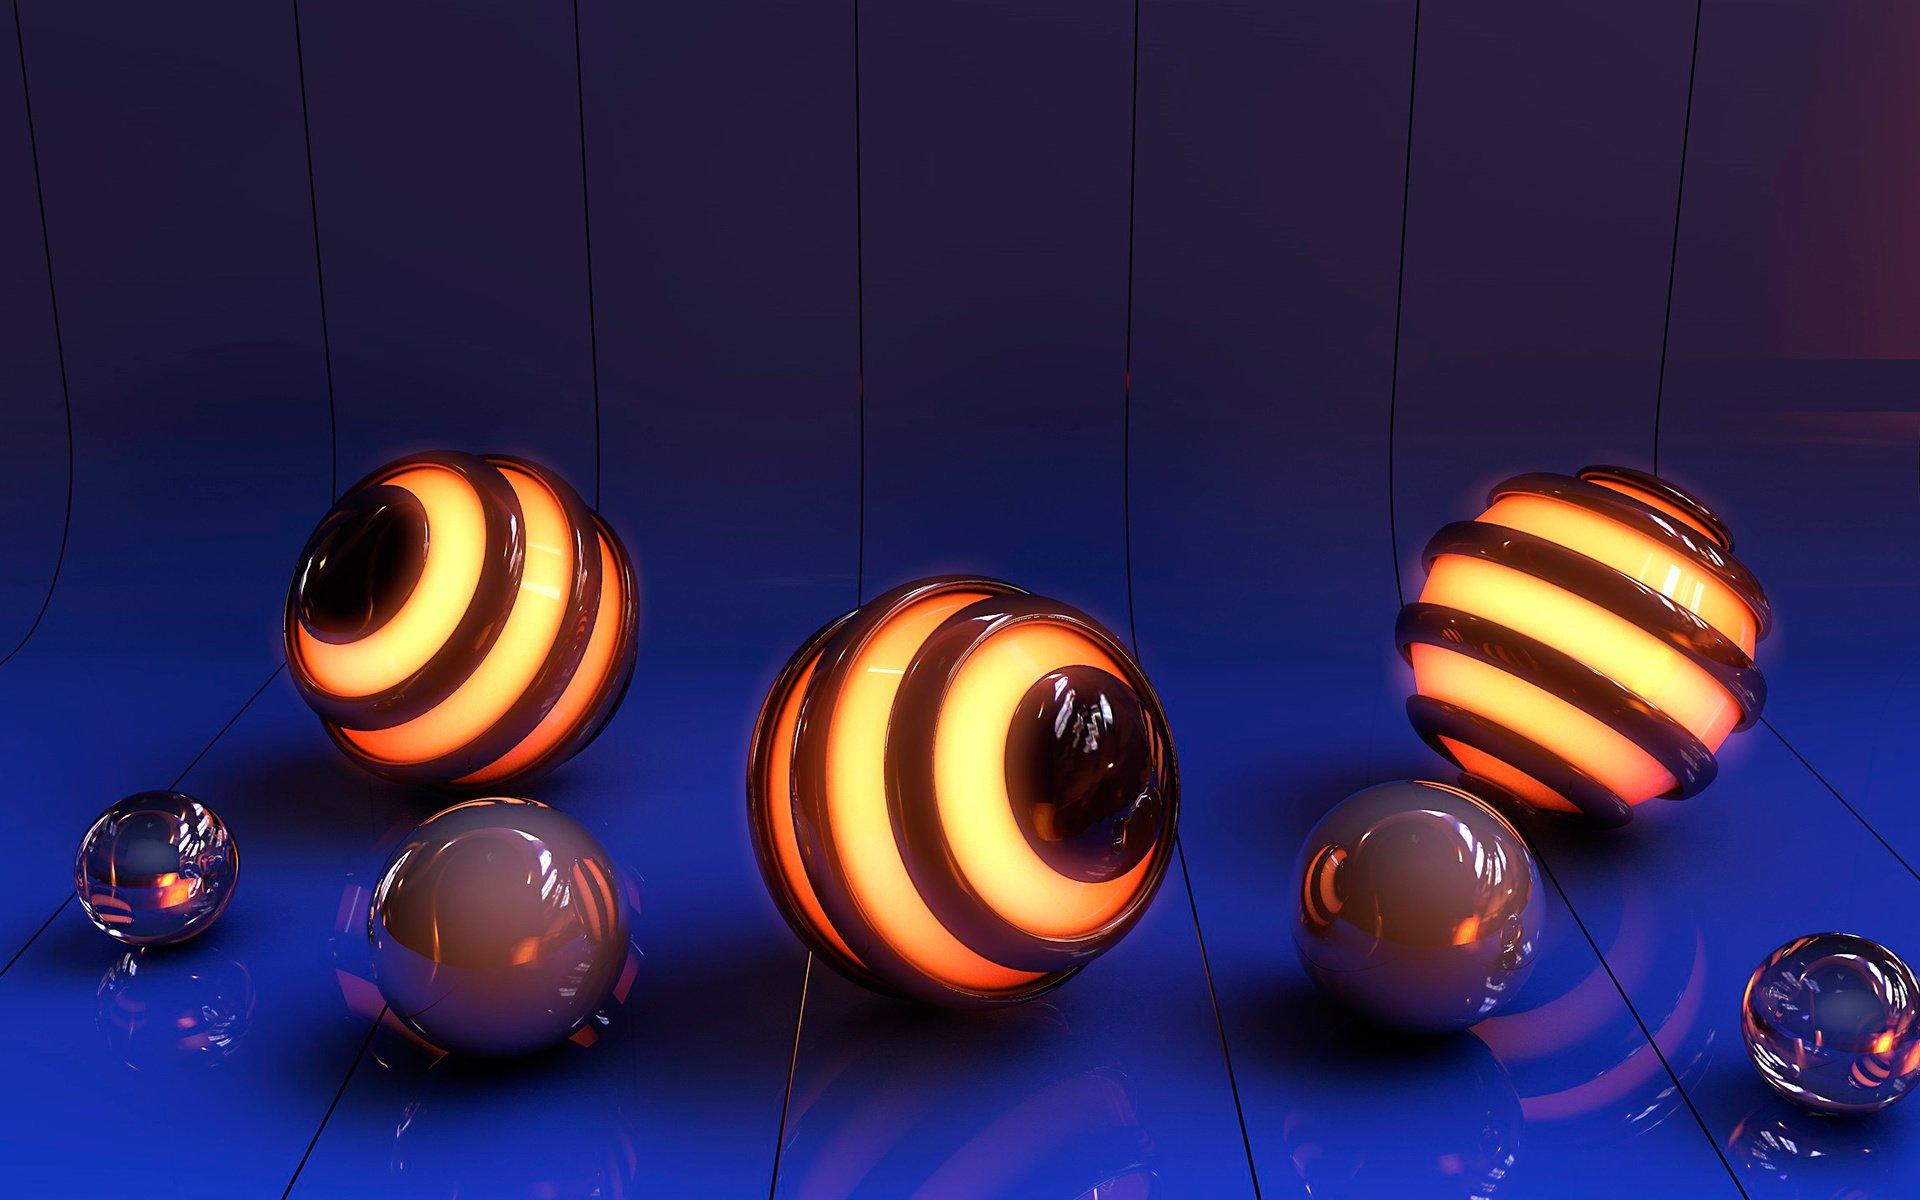 шар отражение графика ball reflection graphics загрузить